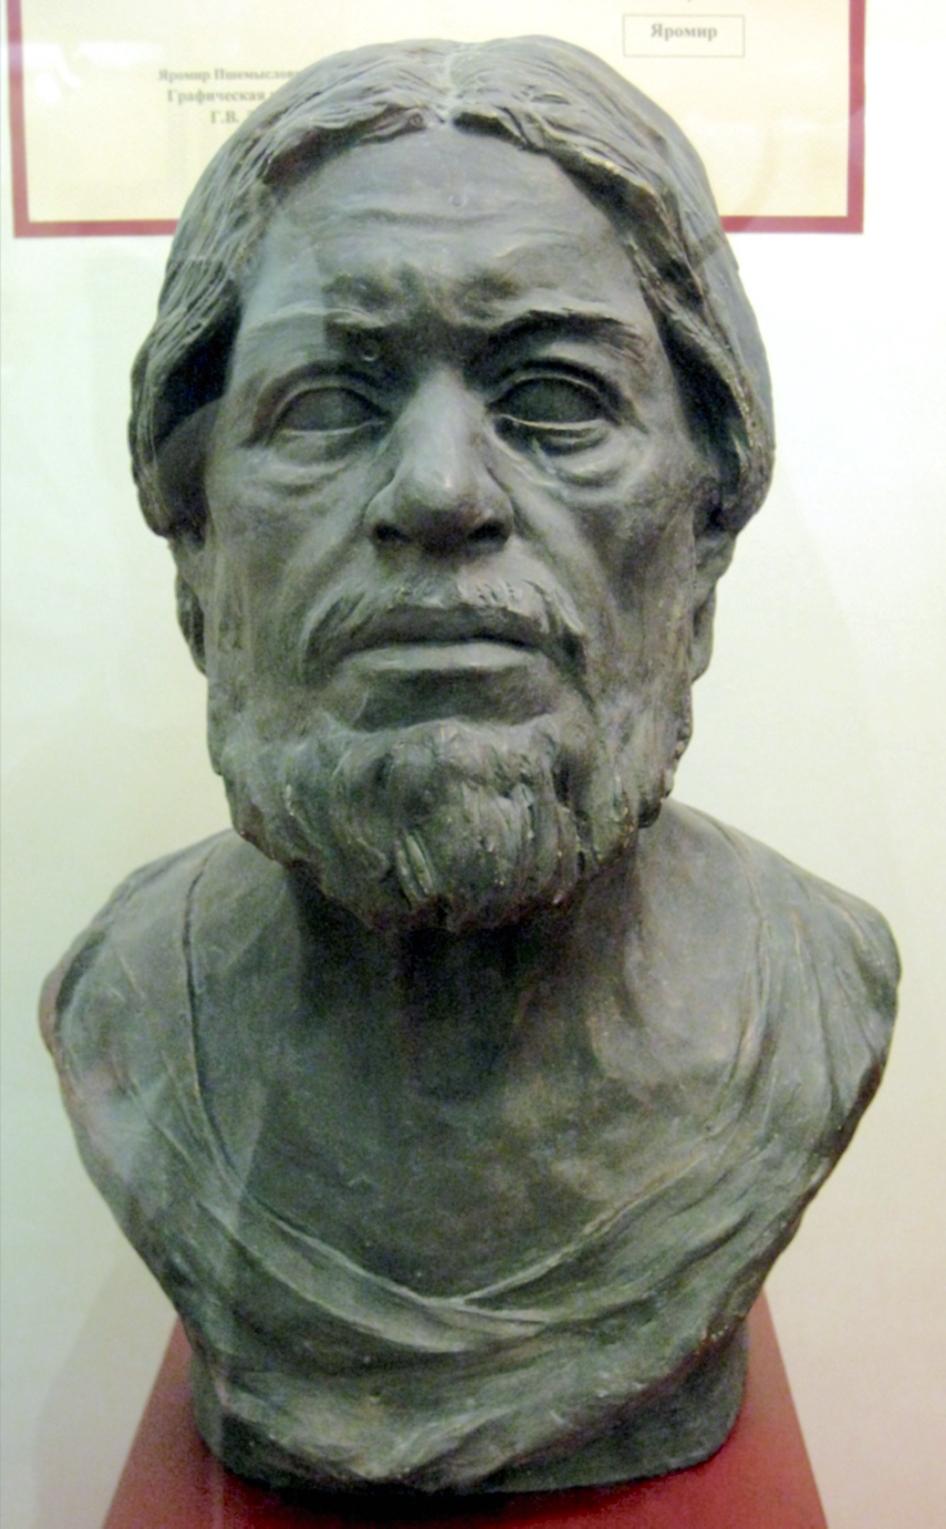 Samuel Komitopul